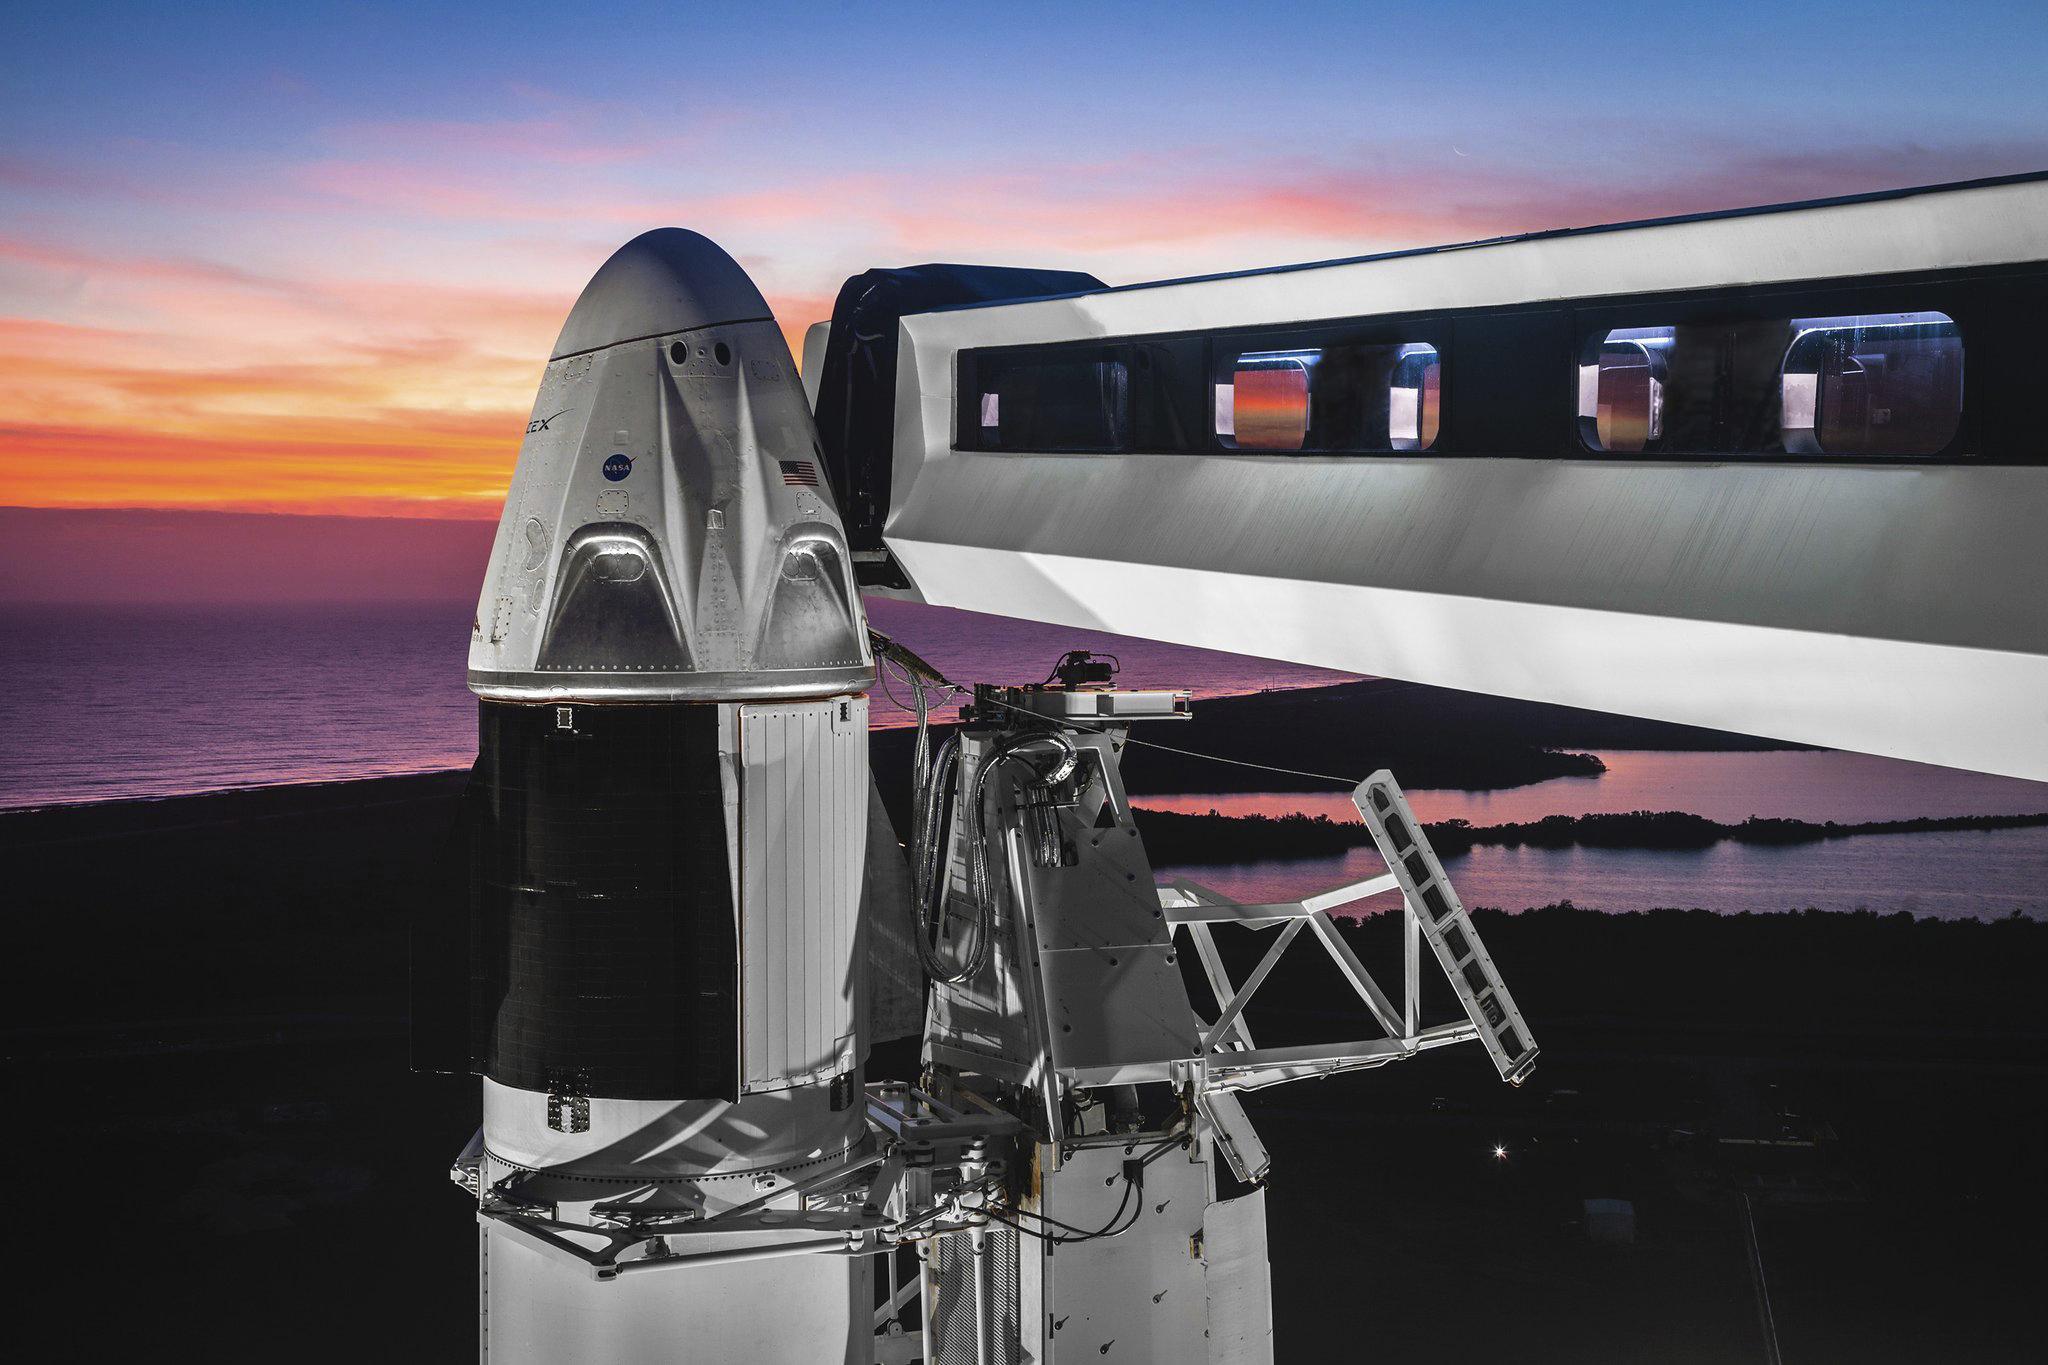 Компания Space X готовится ктестовому запуску пилотируемого корабля Crew Dragon, который вбудущем будет доставлять астронавтов наМКС. Вкосмос его будет выводить ракета Falcon-9 со стартового комплекса LC-39A Космического центра им. Кеннеди во Флориде.